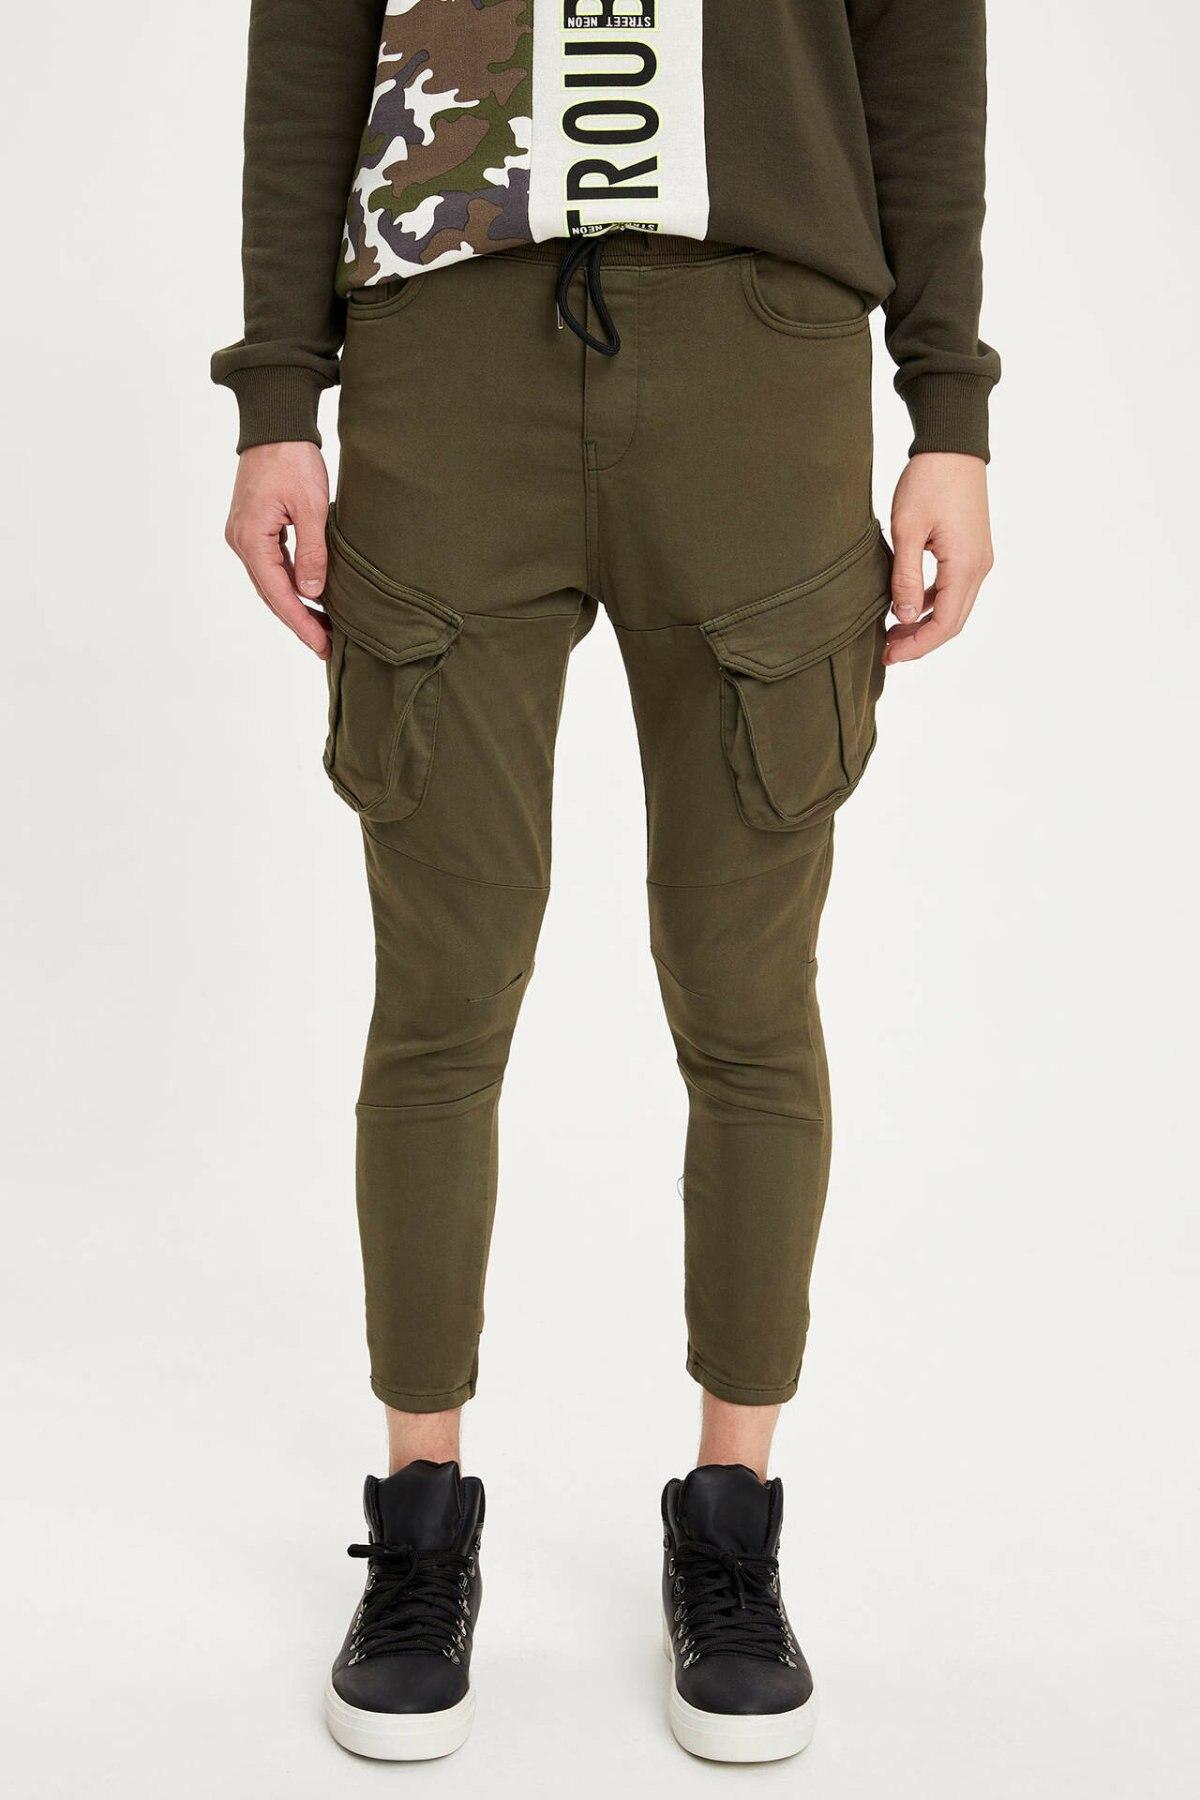 DeFacto Man Autumn Solid Color Pencil Pants Big Pockers Design Men Cargo Pants Male Casual Bottoms Trousers-M6951AZ19AU